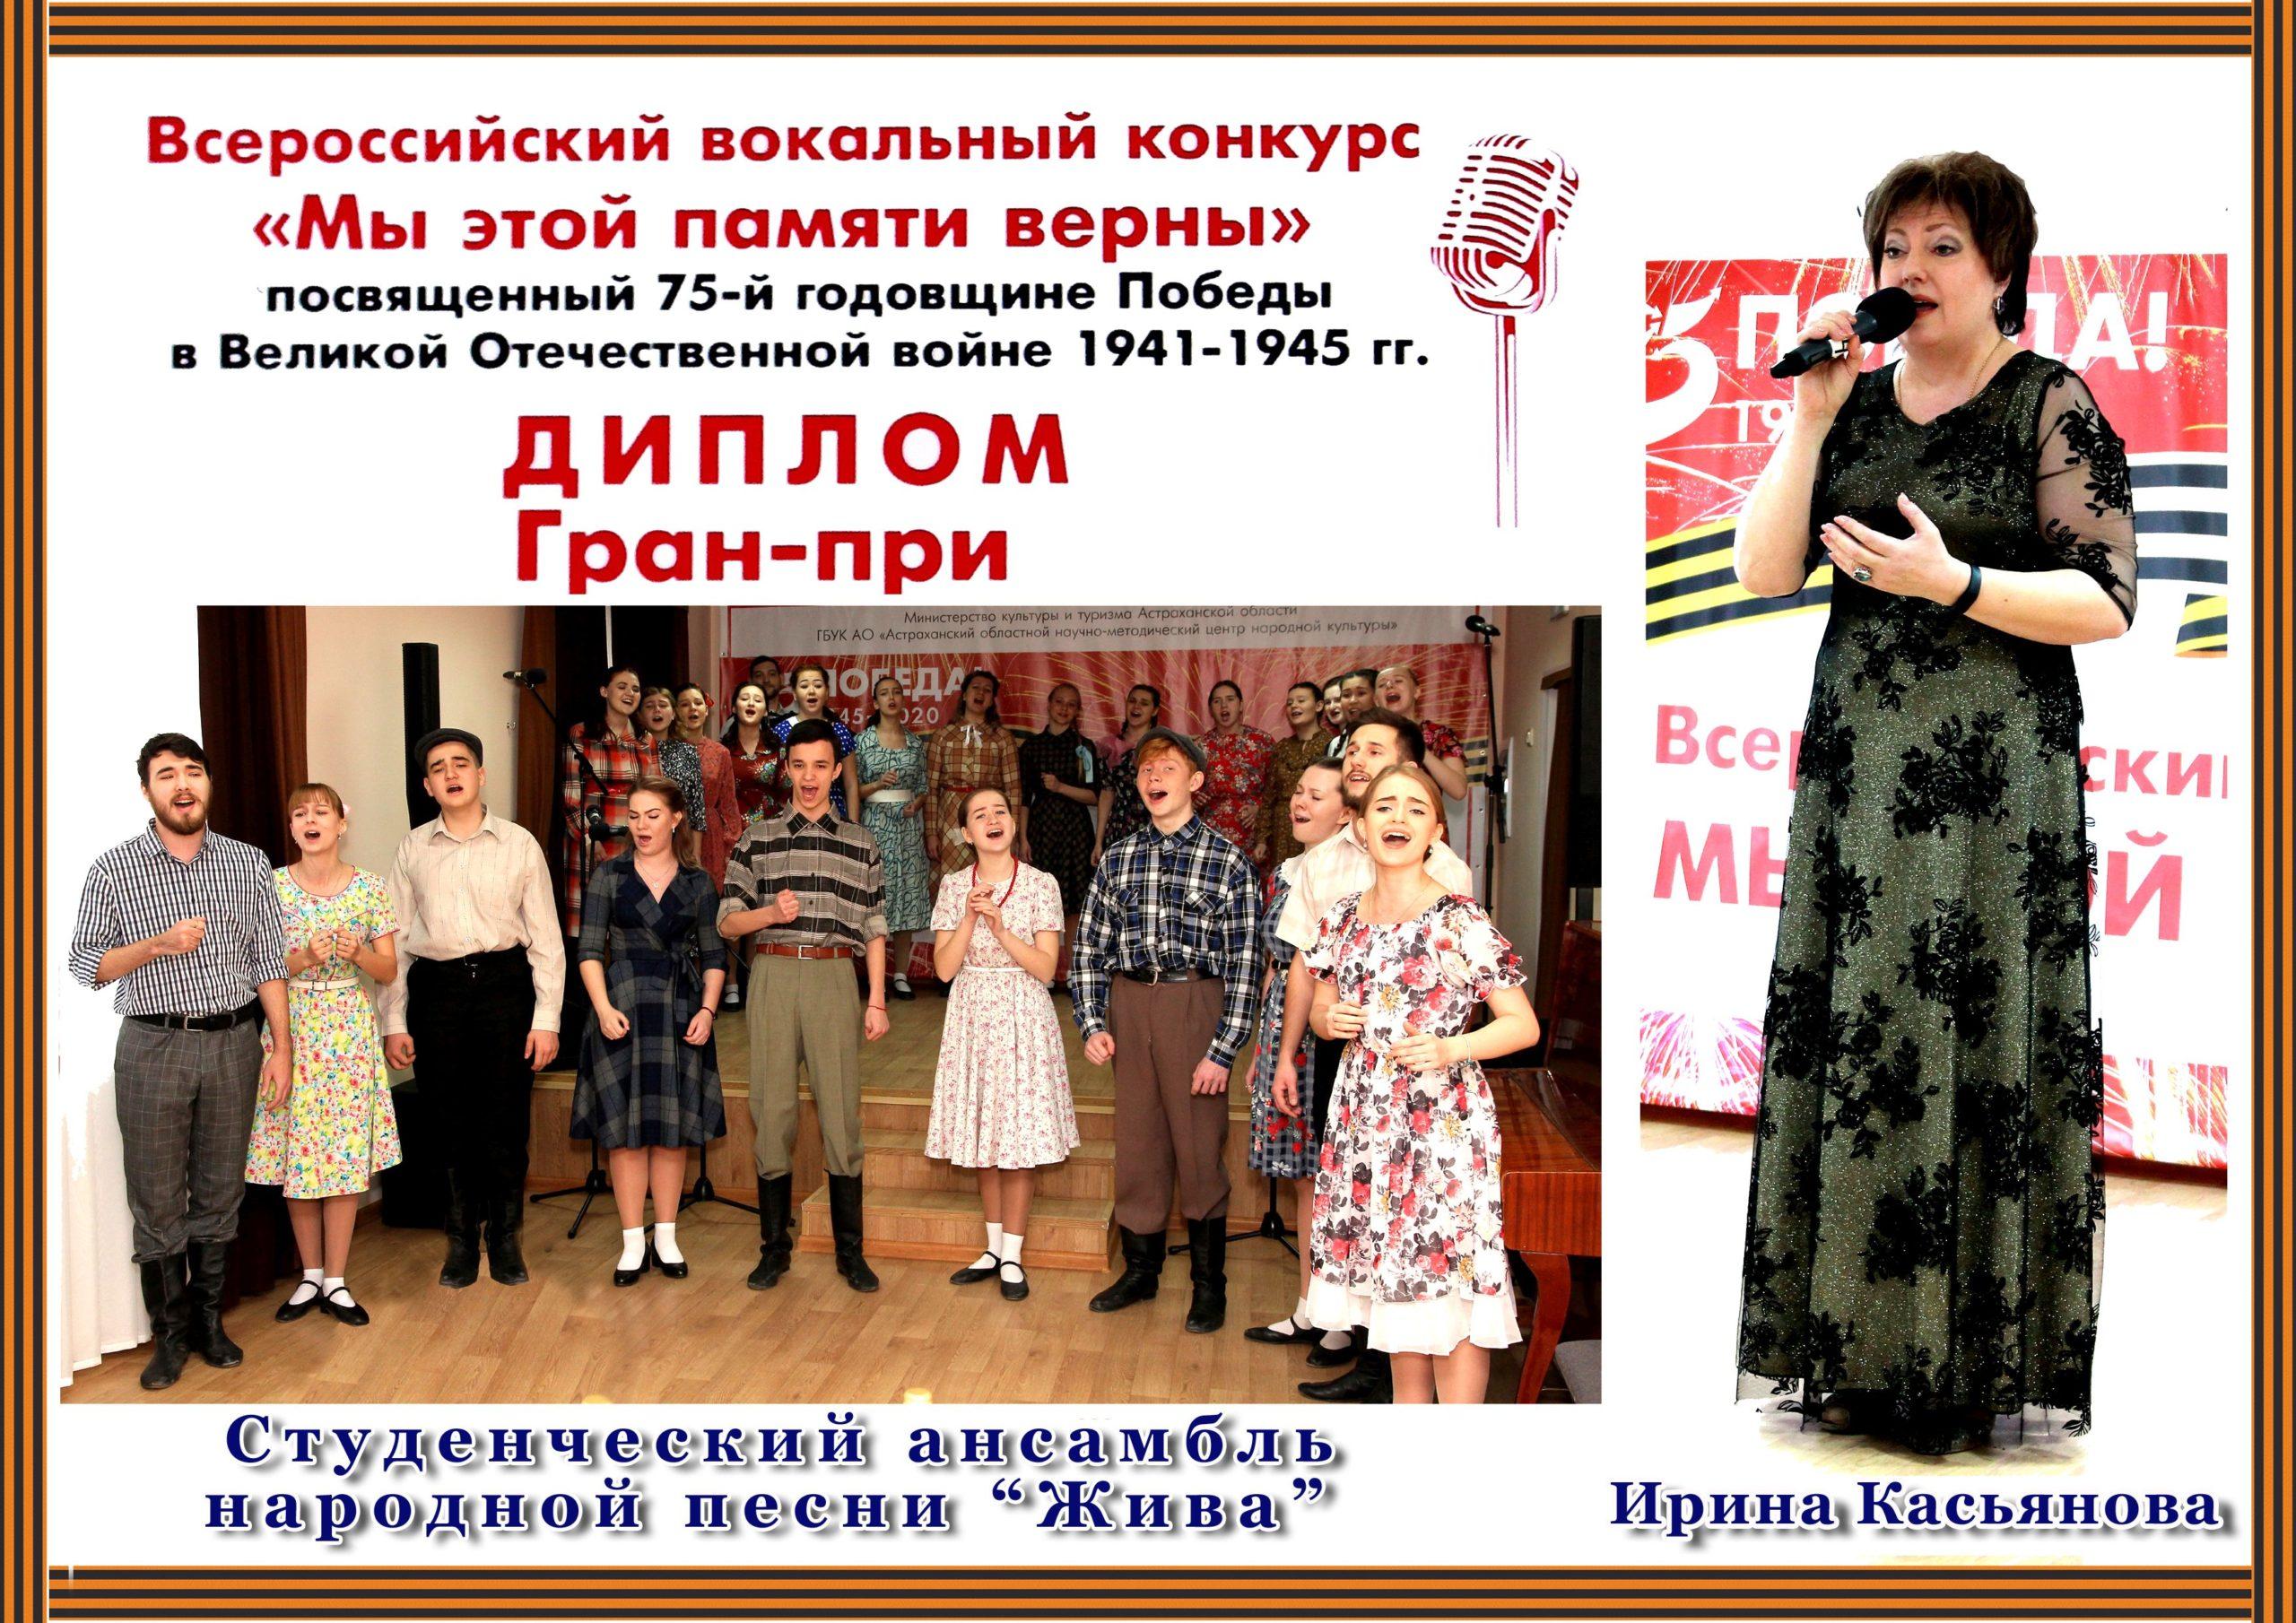 Определены обладатели Гран-при Всероссийского вокального конкурса  «Мы этой памяти верны»